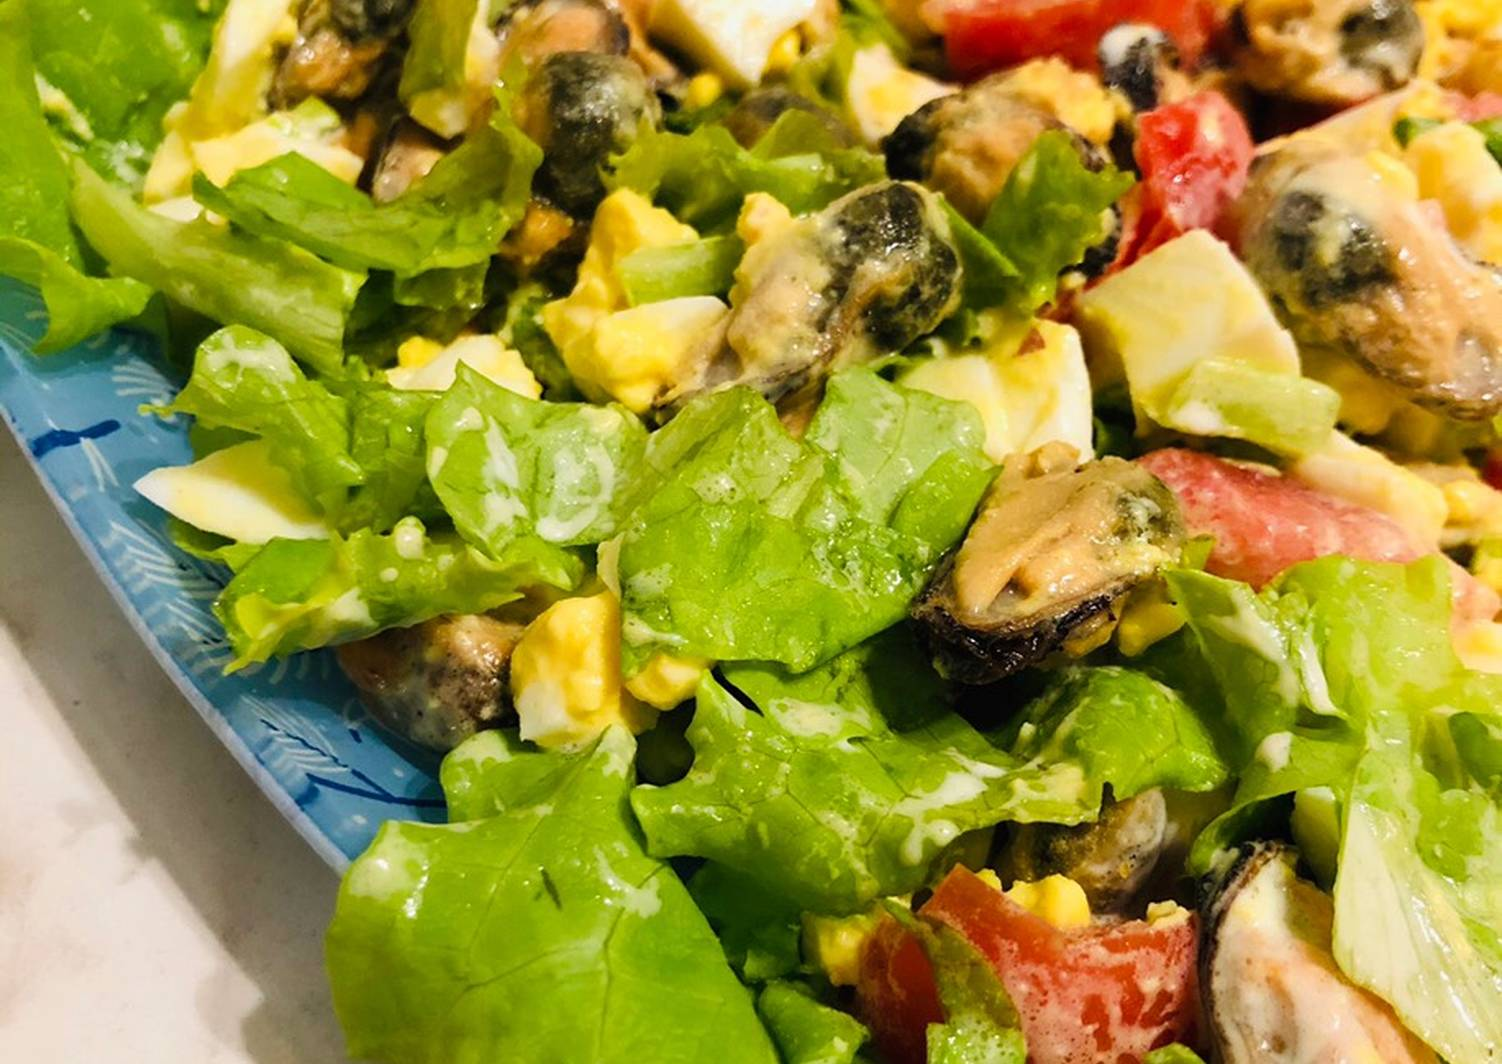 Салат с мидиями без яиц рецепт с фото - 1000.menu